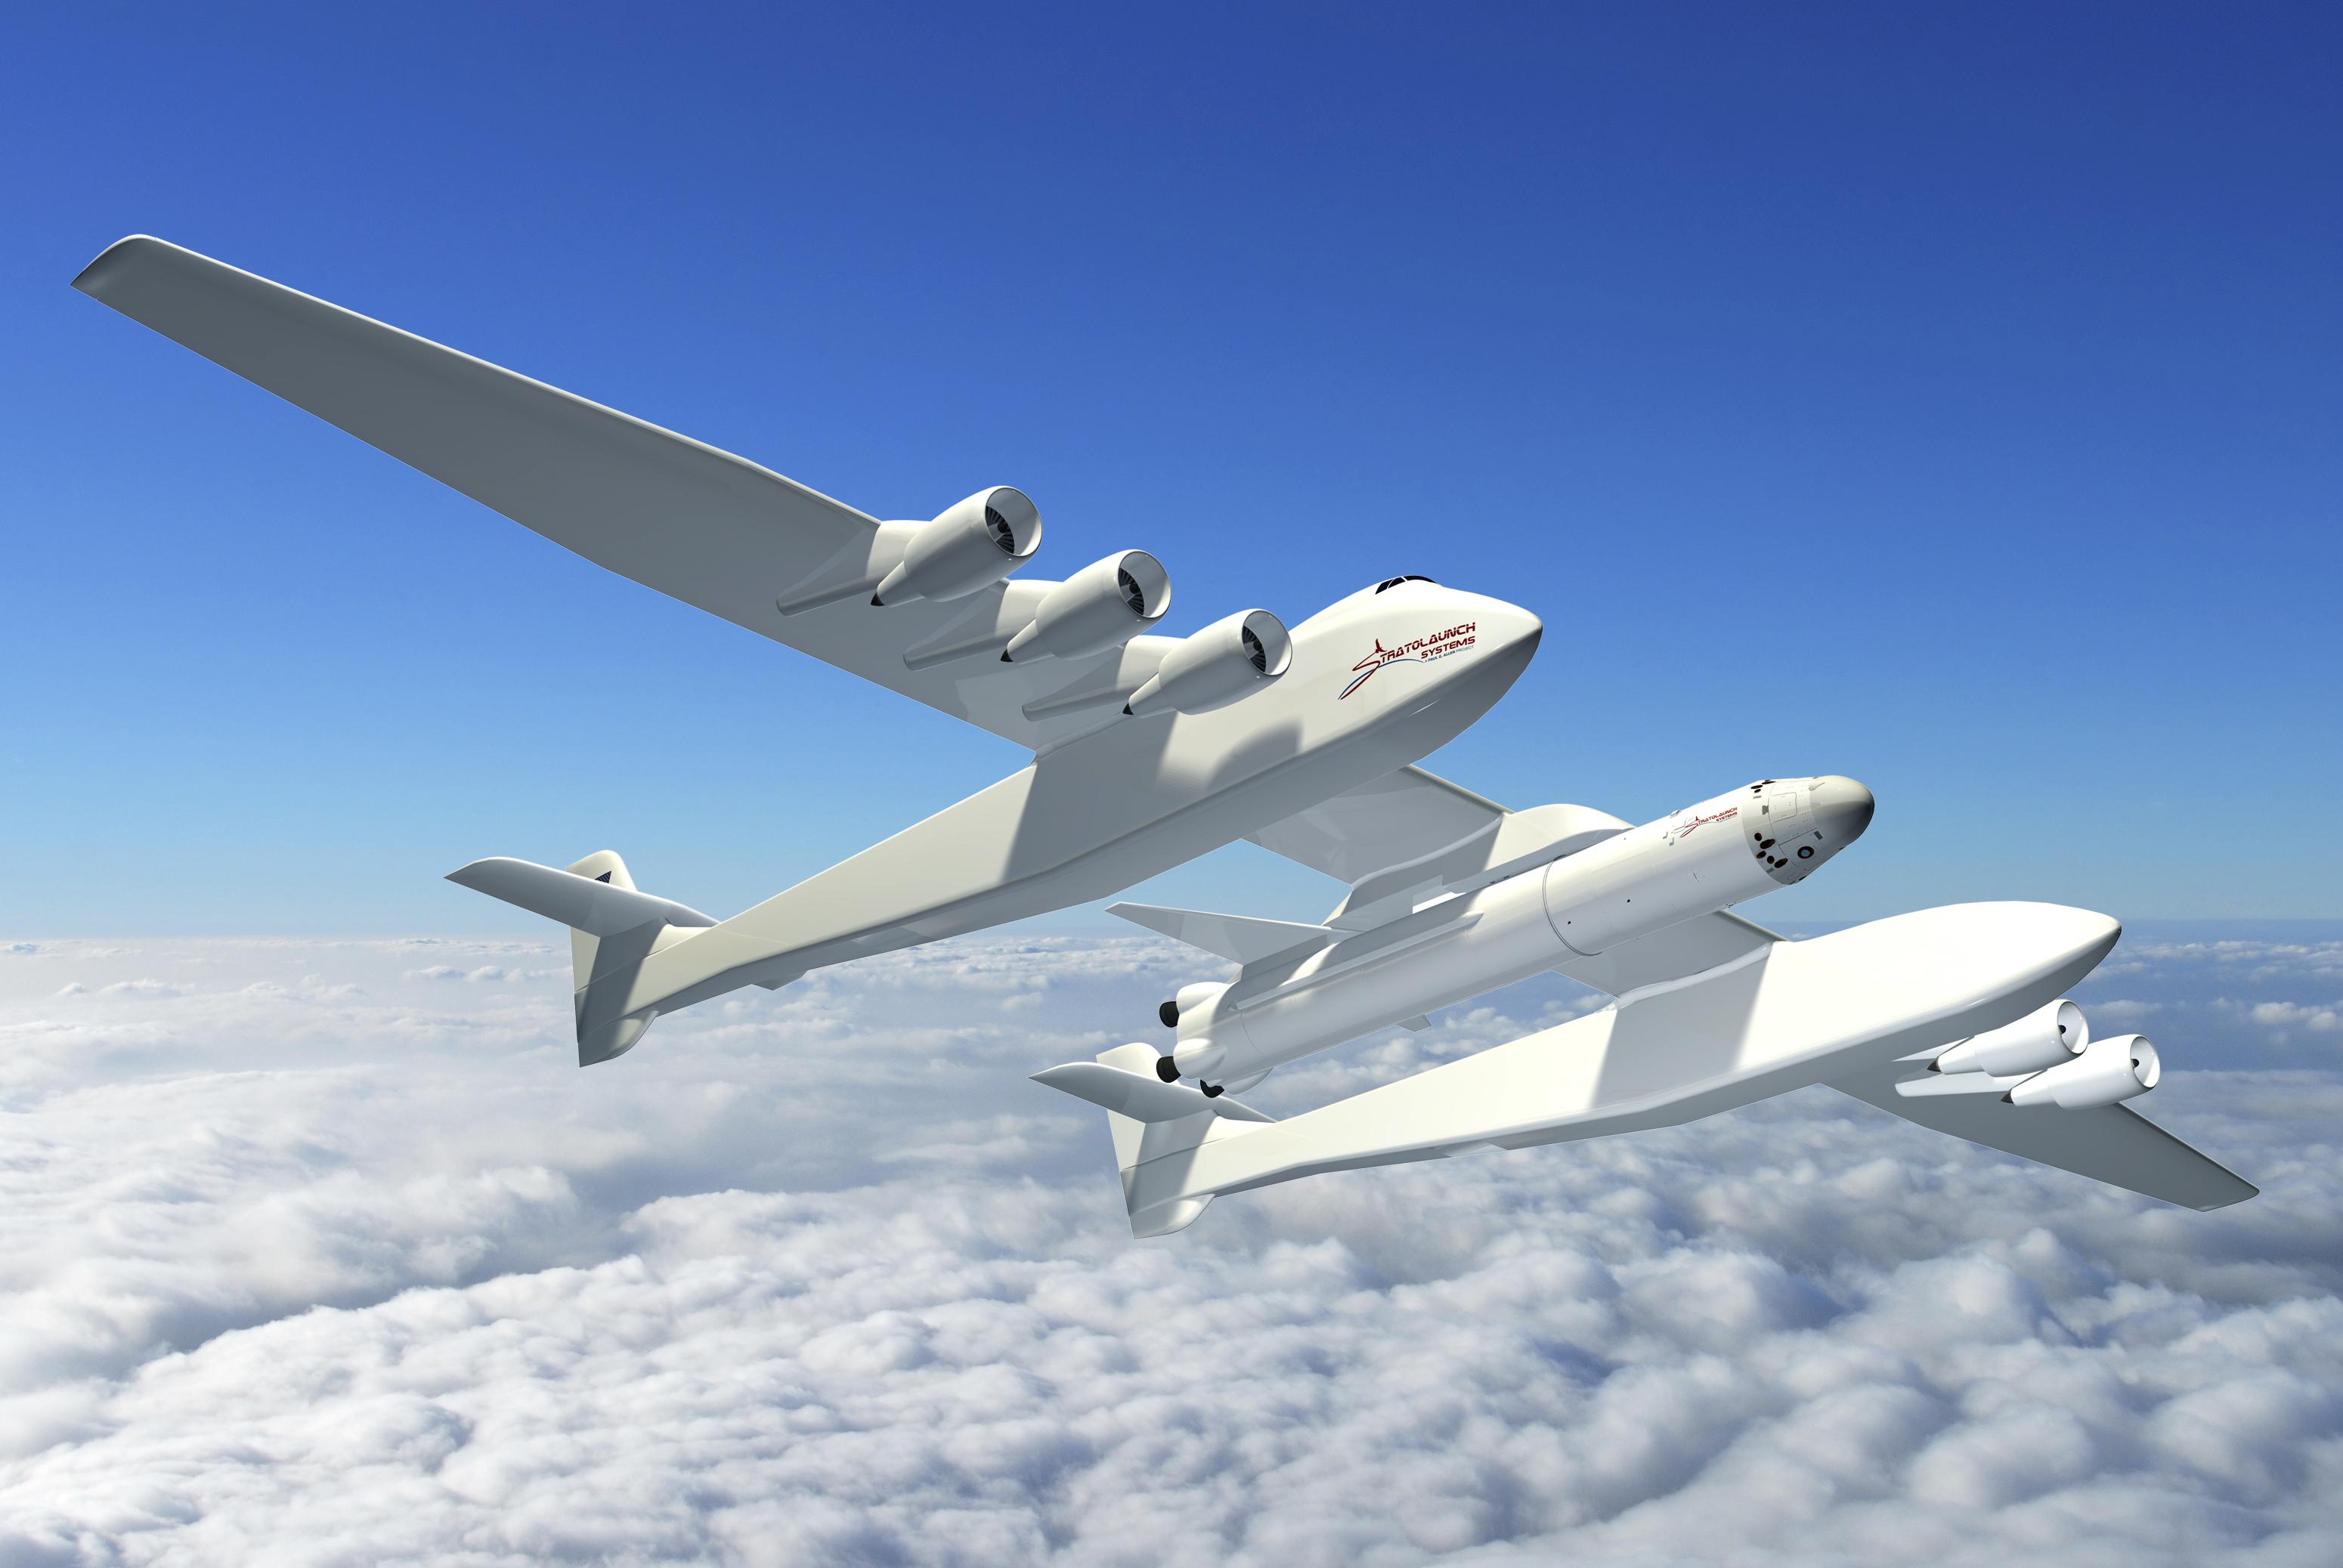 O Roc tem 115 metros e é três vezes a largura do Boeing 737